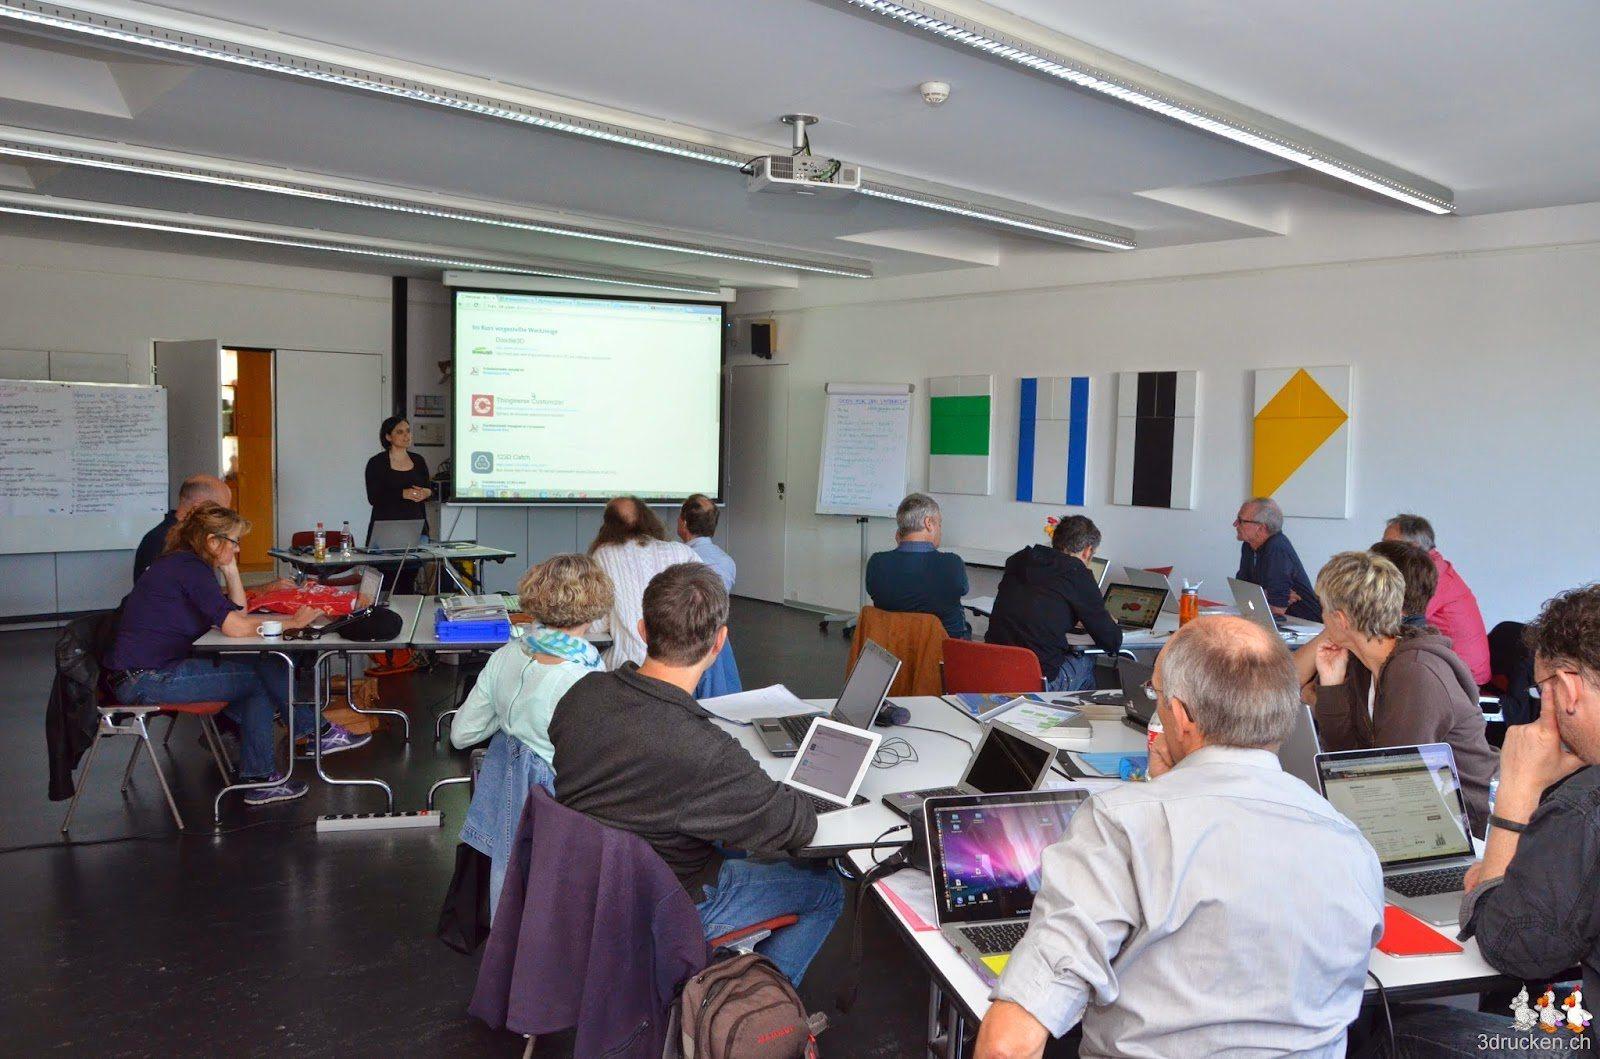 Foto der Teilnehmerinnen und Teilnehmer beim Zuhören während der Einführung